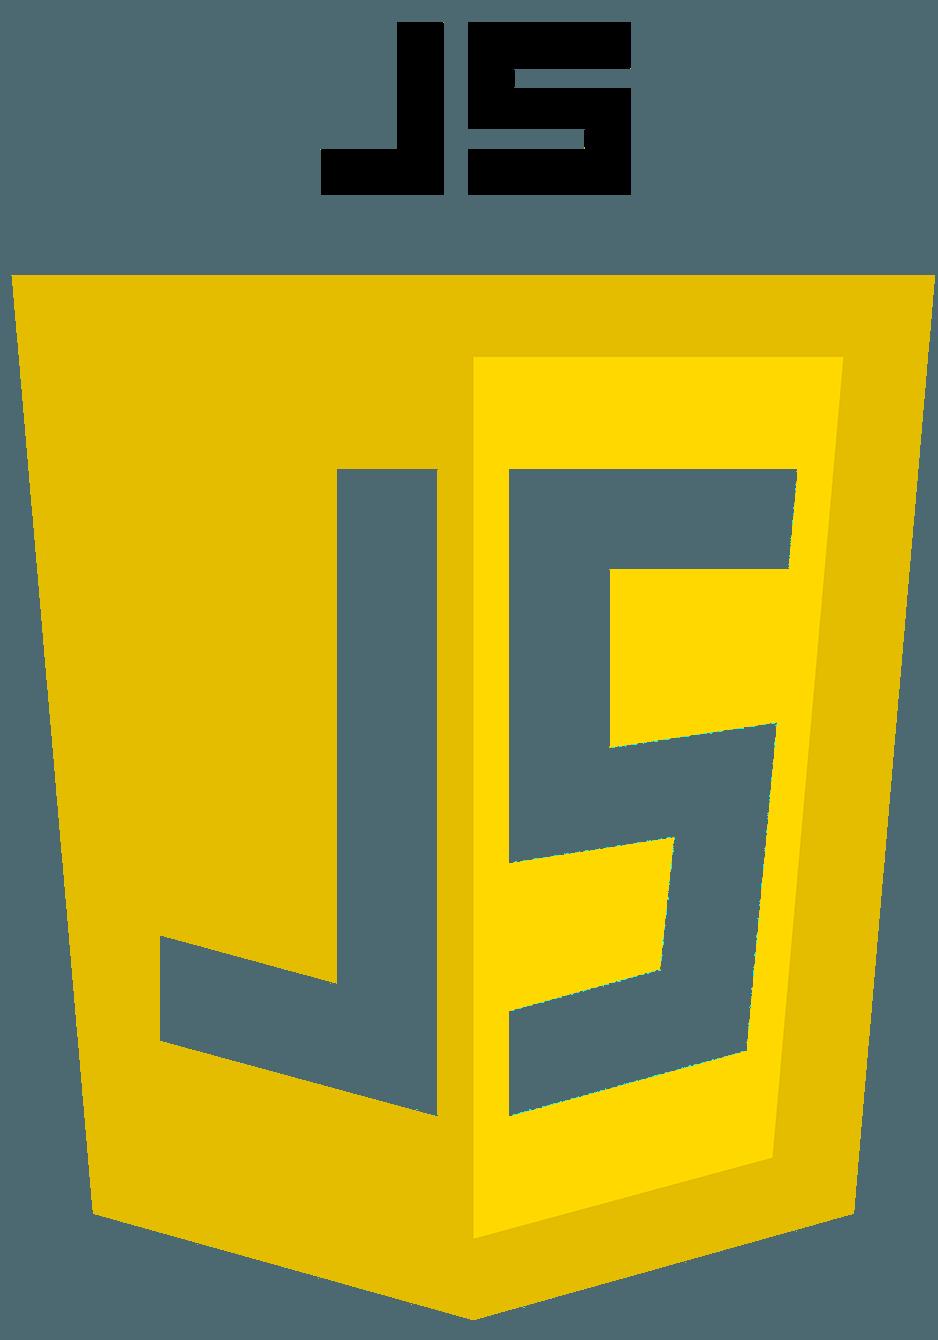 js - mpiricsoftware.com